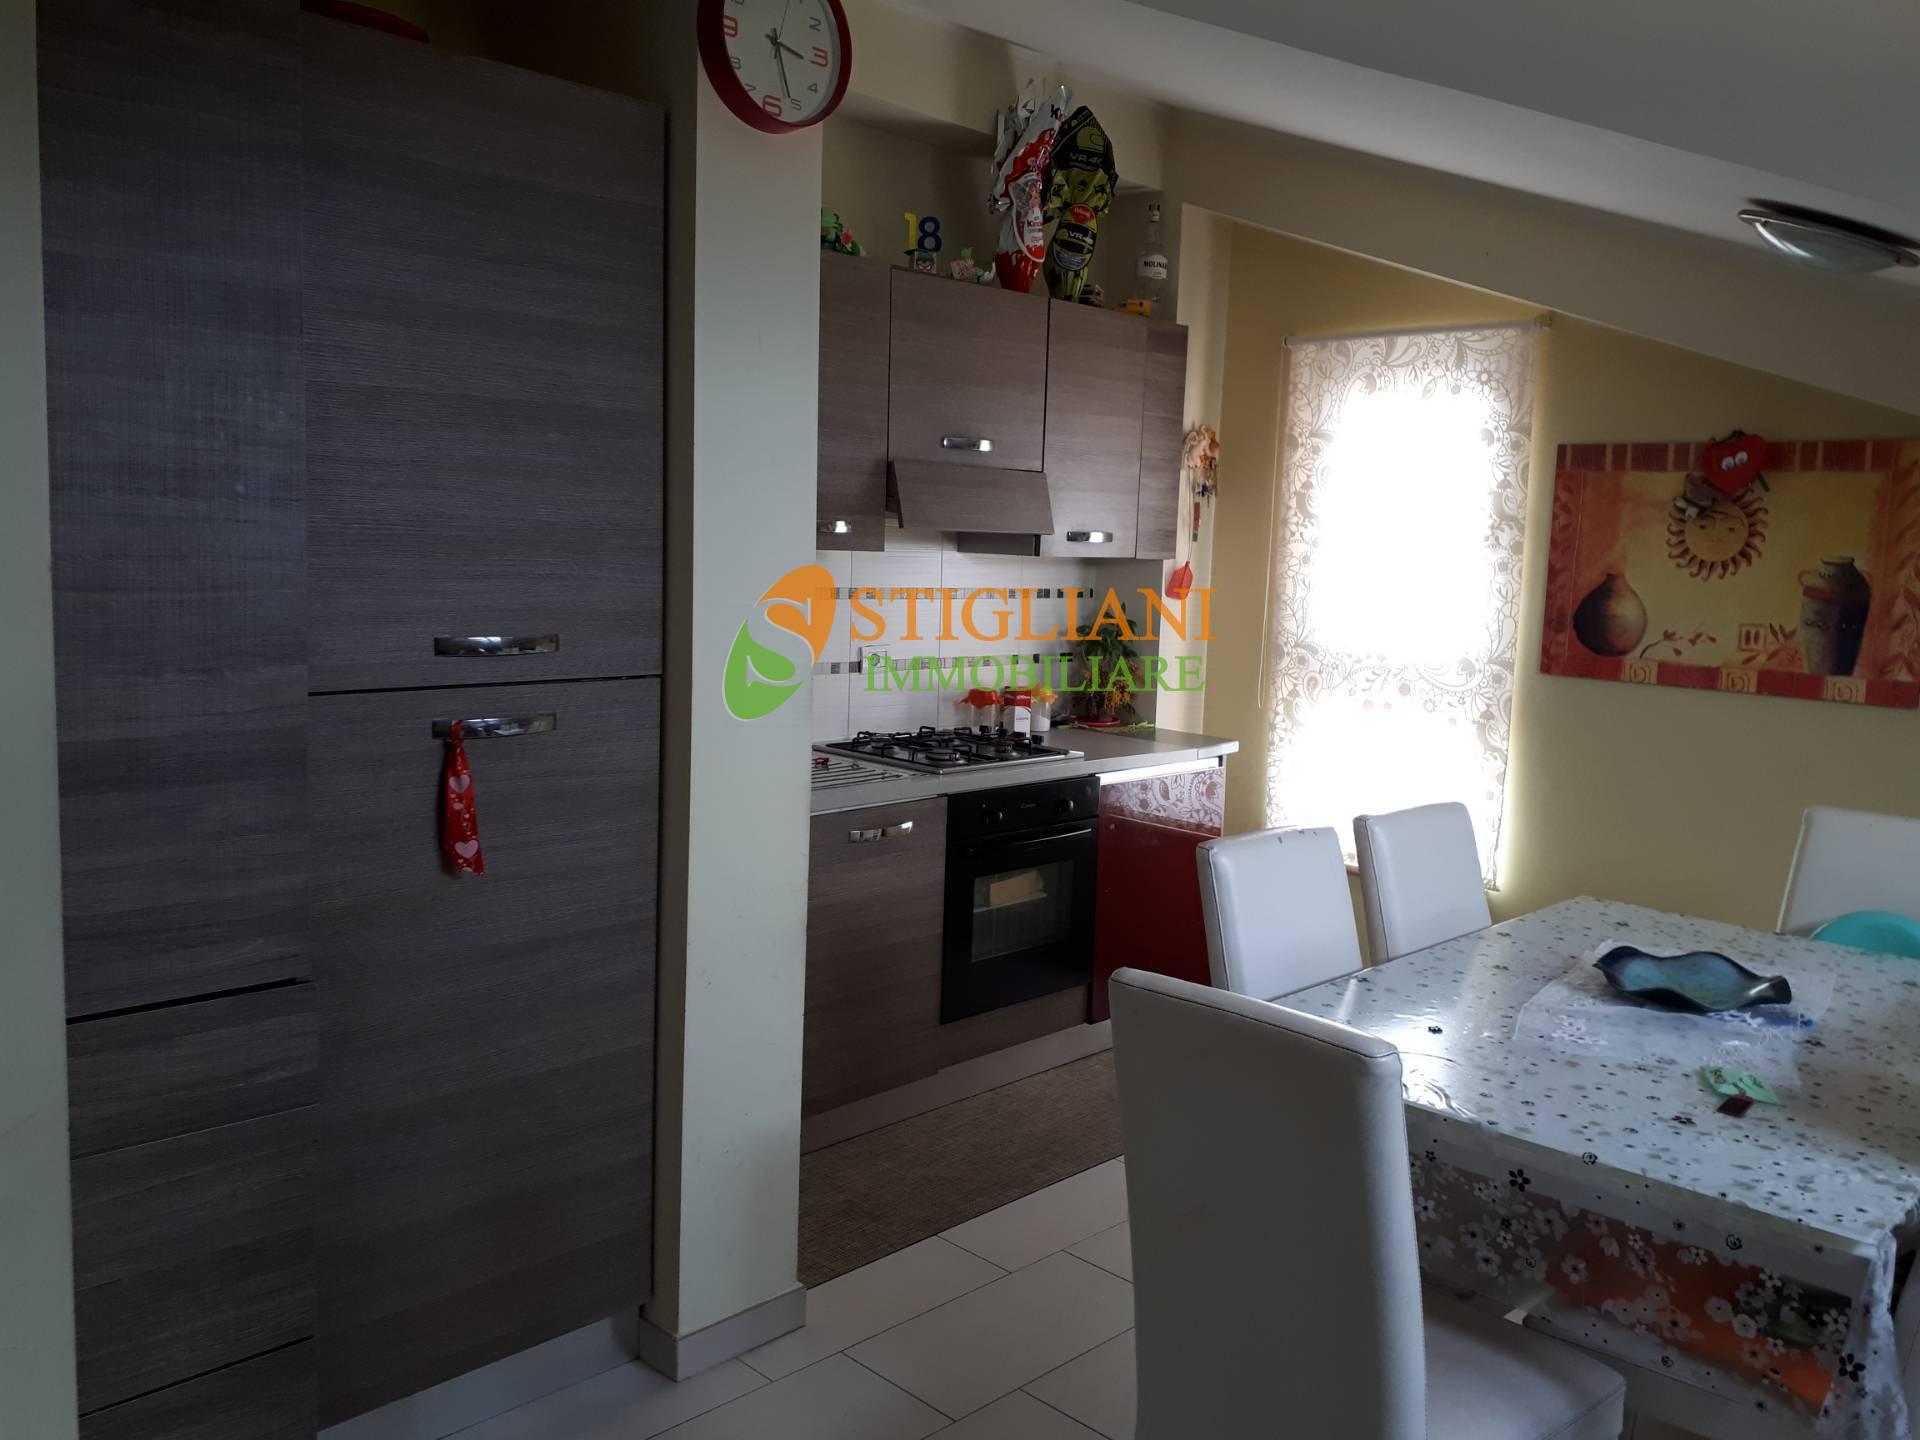 Appartamento in vendita a Ripalimosani, 3 locali, zona Località: ViaRaffaello, prezzo € 90.000 | CambioCasa.it